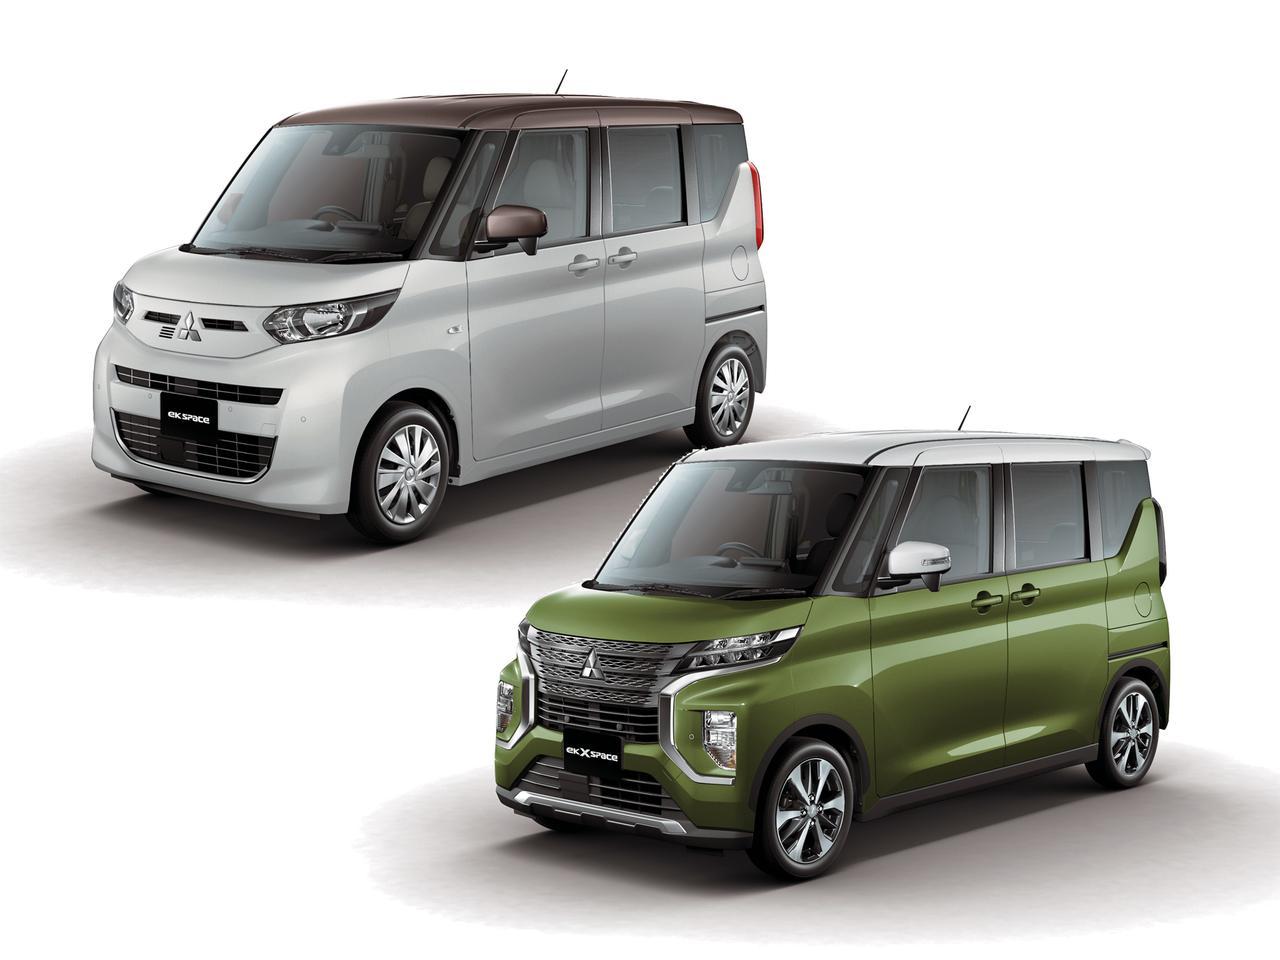 三菱が新型軽スーパーハイトワゴン「eKクロス スペース」と「eKスペース」を3月19日に発売